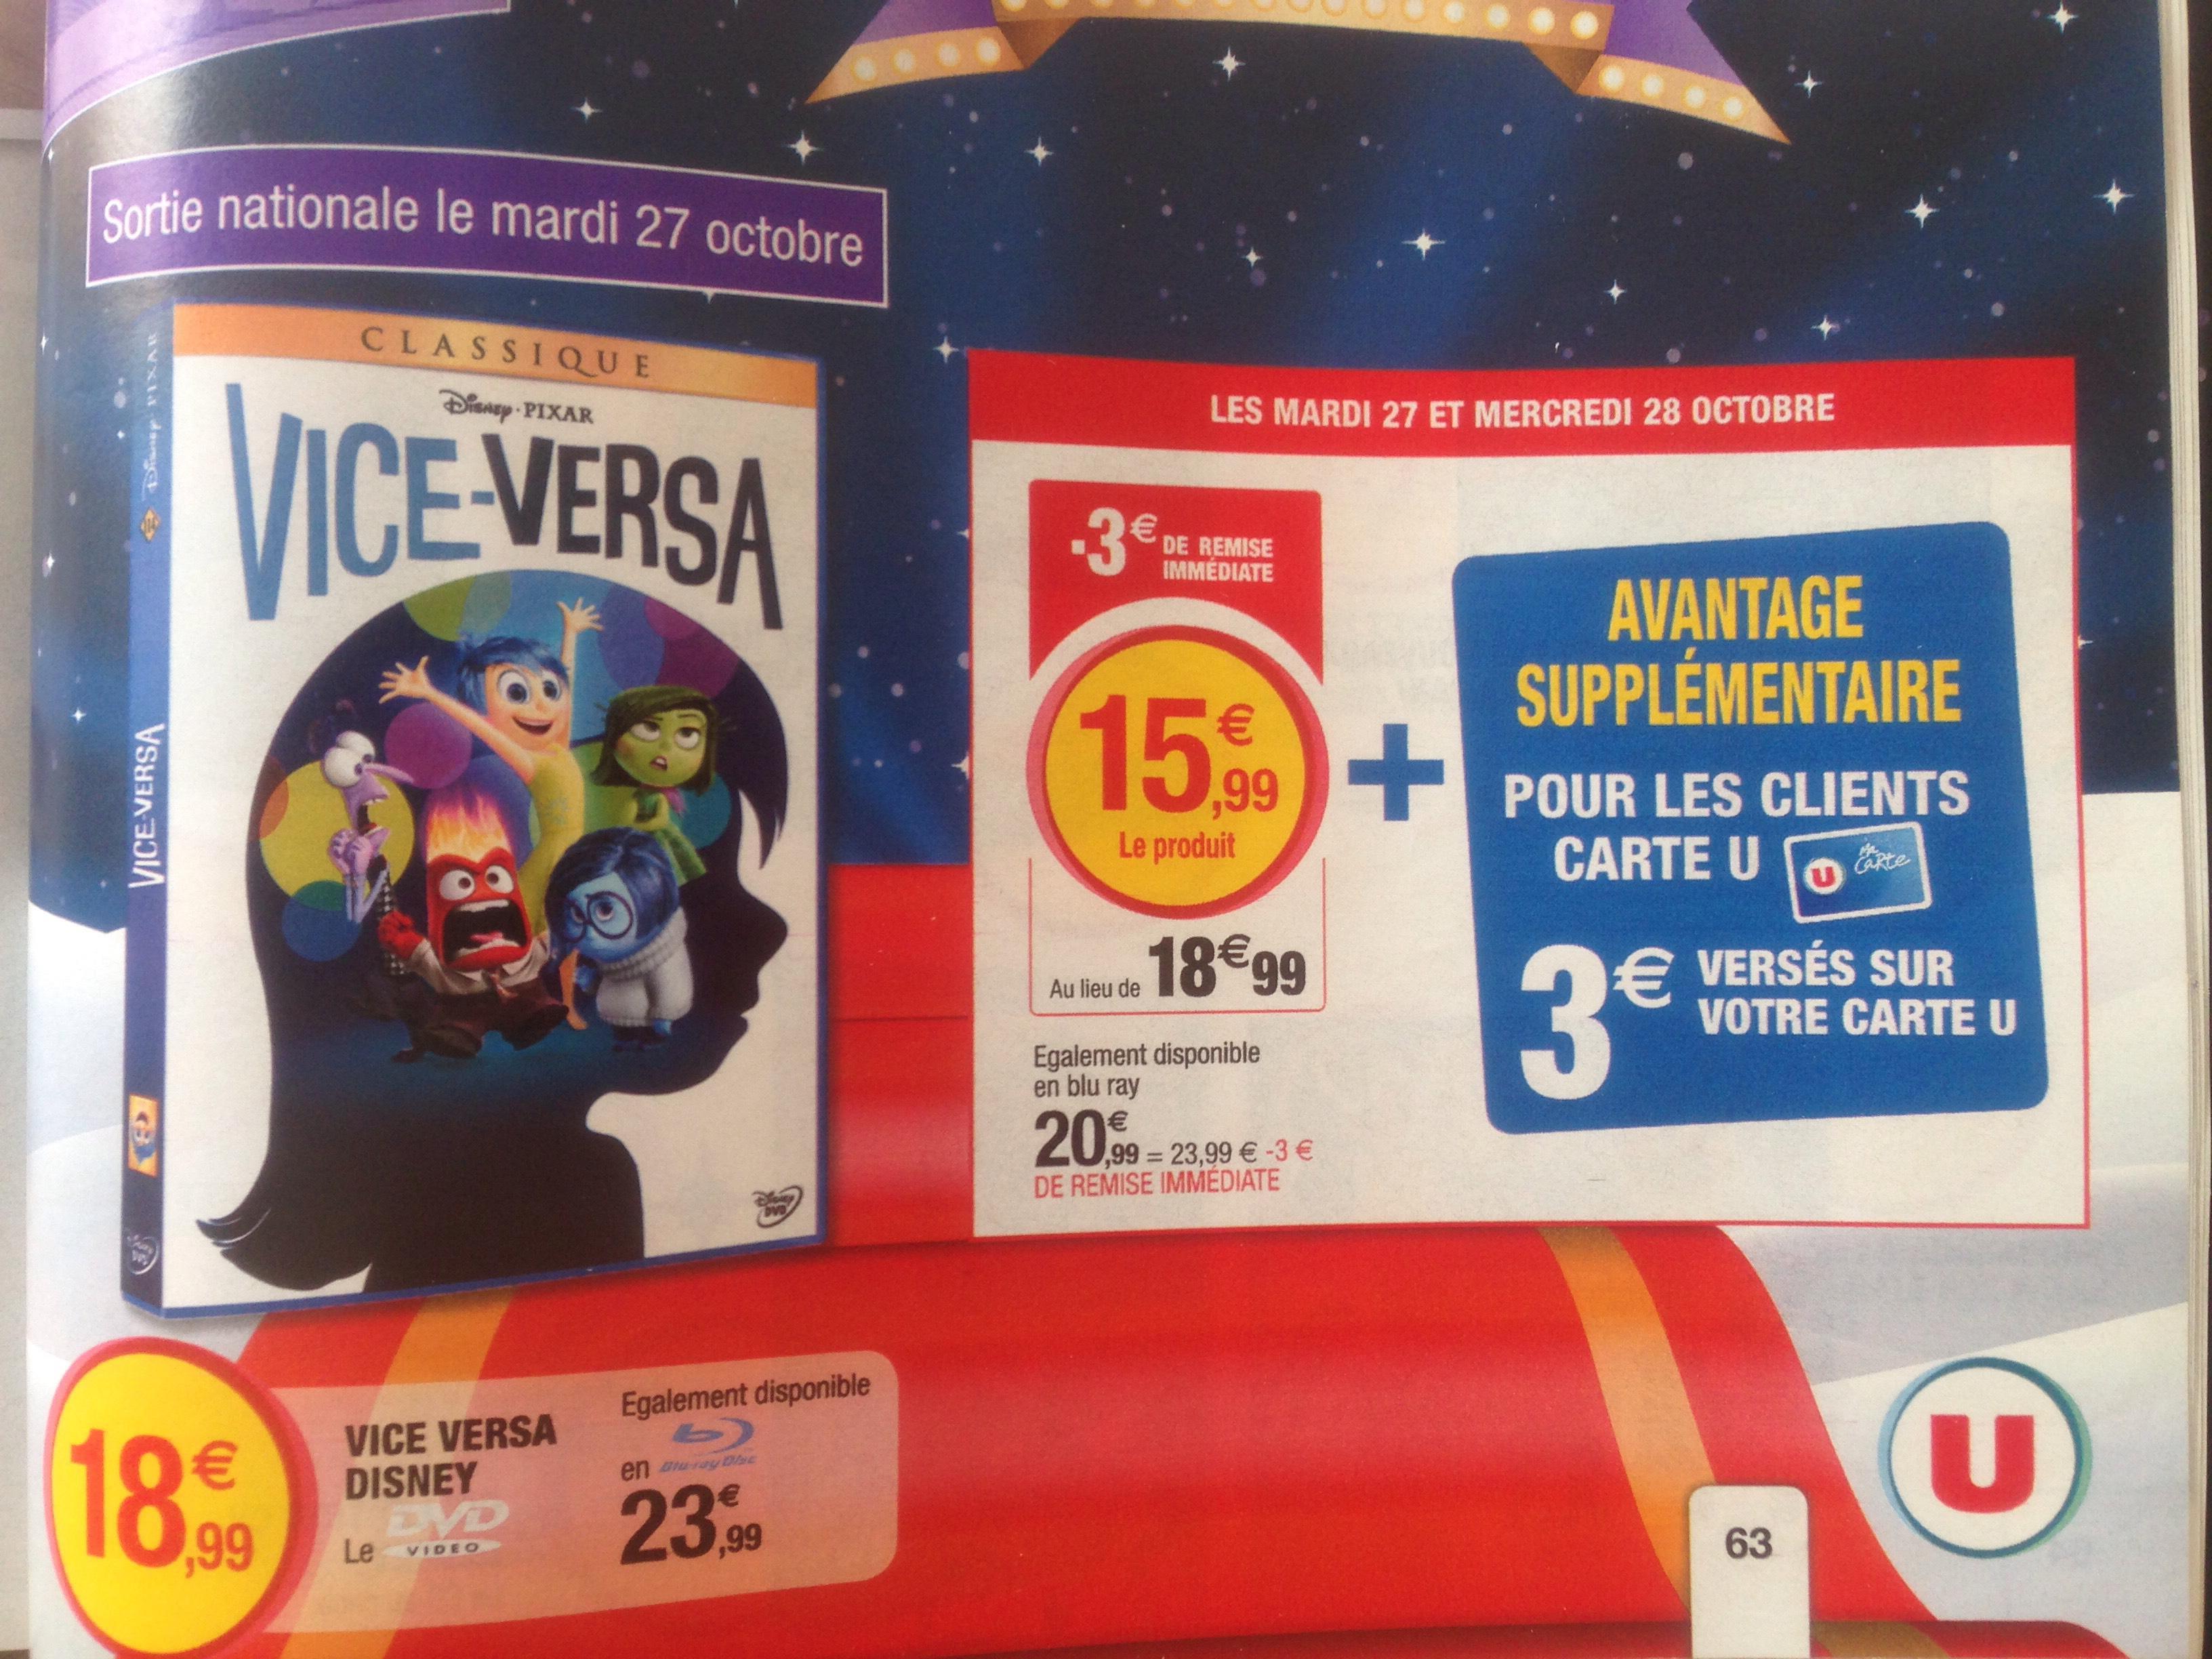 DVD Vice-Versa à 12.99€ et Blu-Ray Vice-Versa (déduction faite des 3€ sur la carte U)